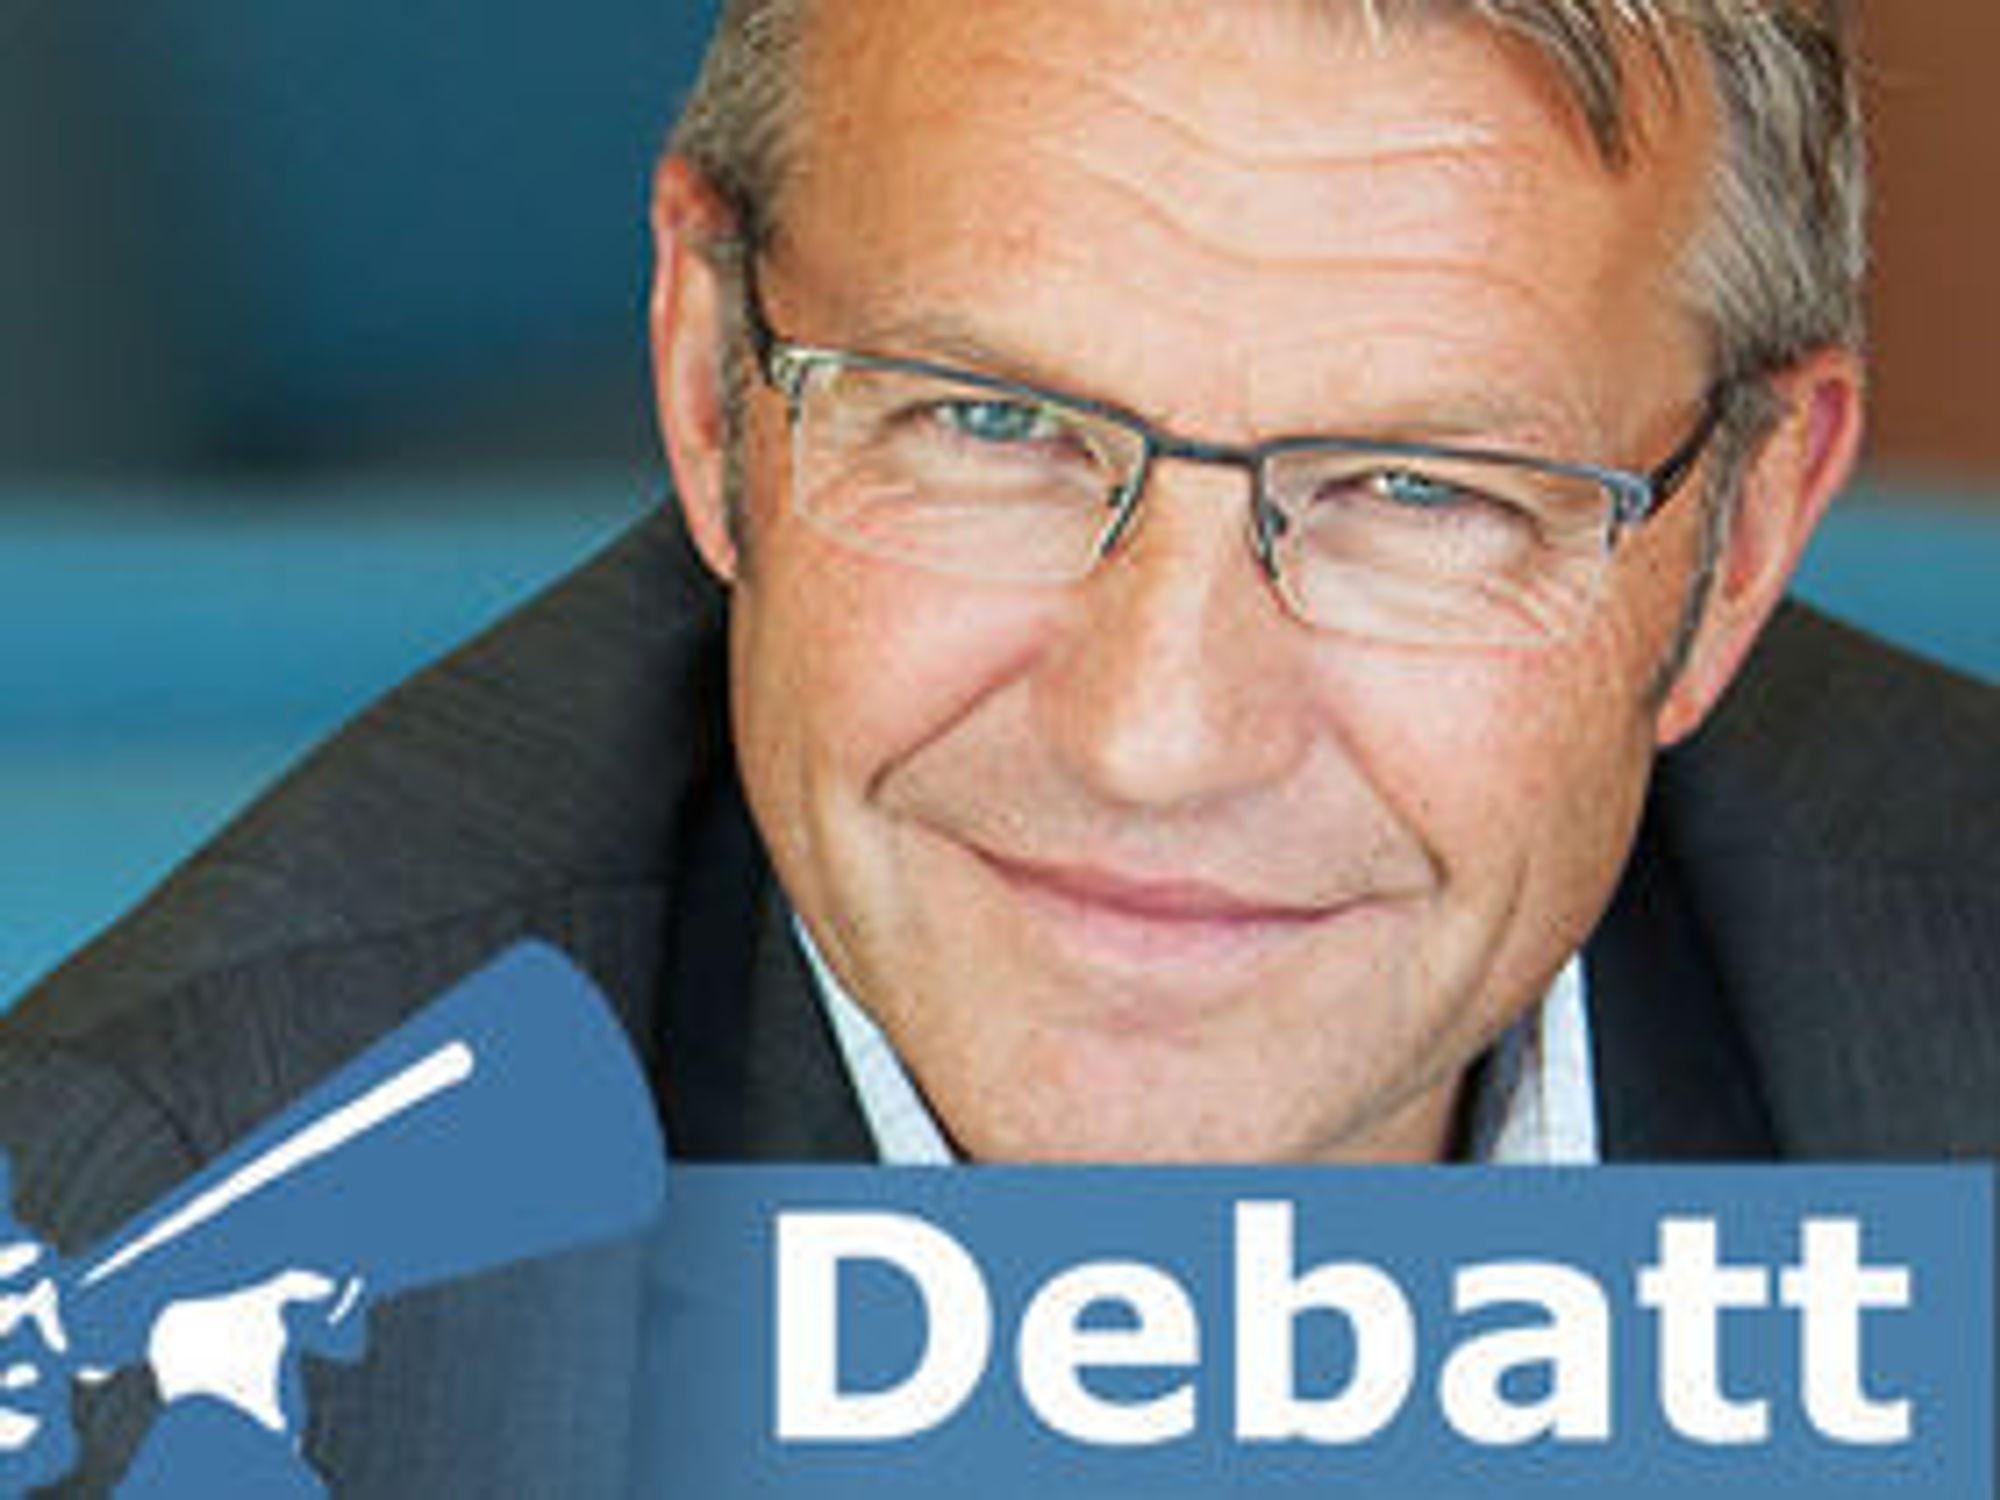 Forfatter av debattinnlegget, Vidar Lødrup, er direktør for kunnskapsledelse i Abelia.